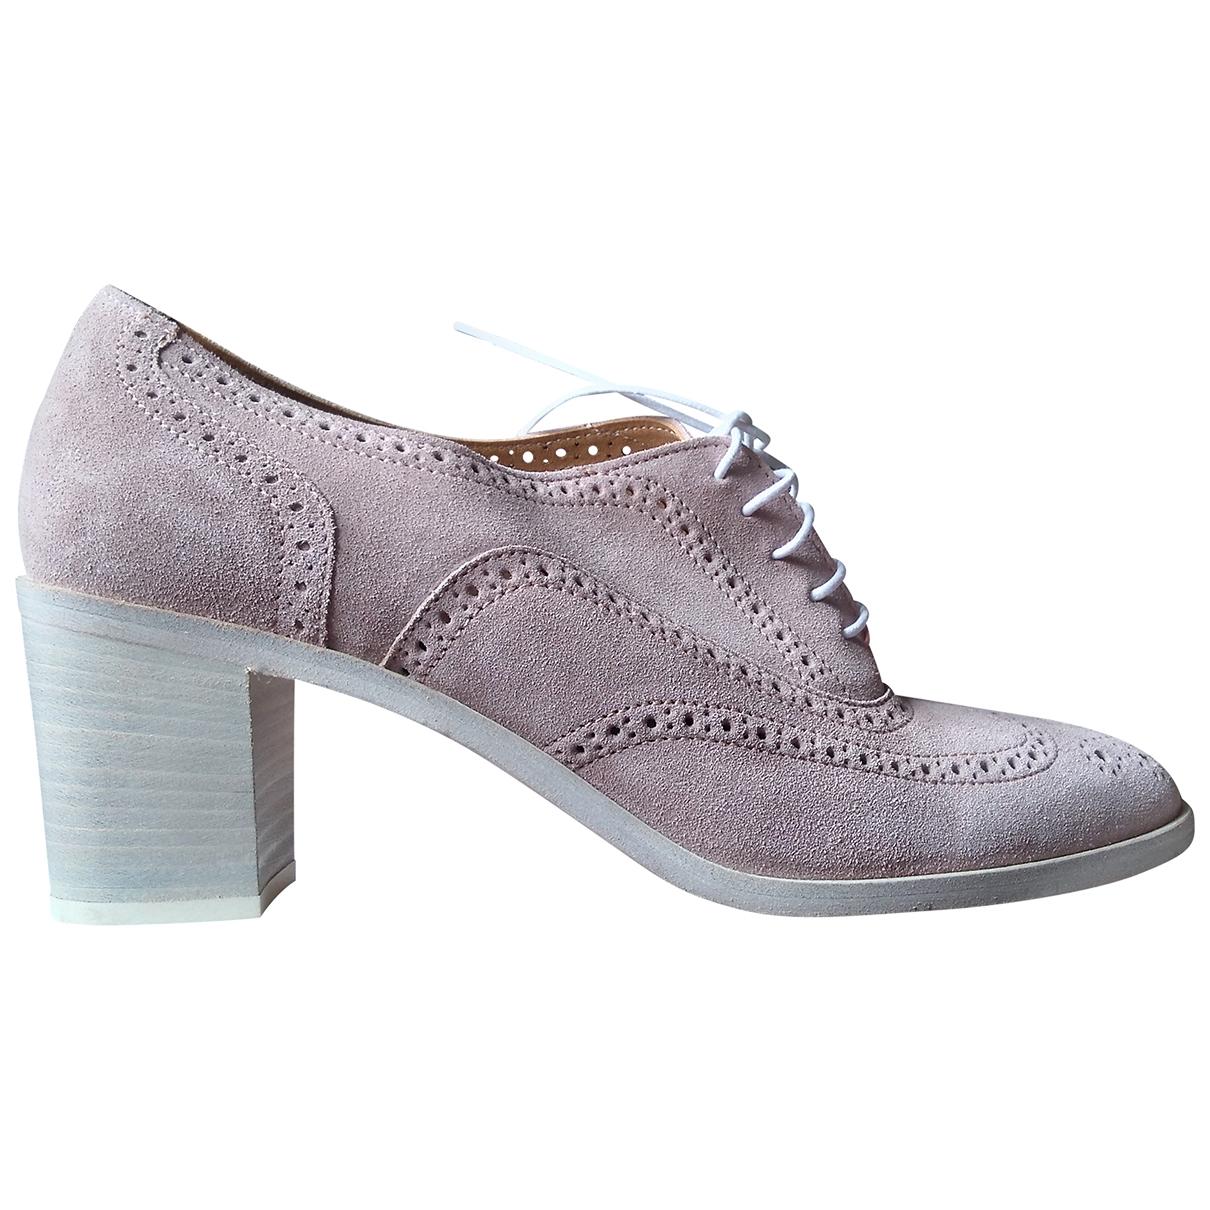 Paul Smith - Boots   pour femme en suede - rose